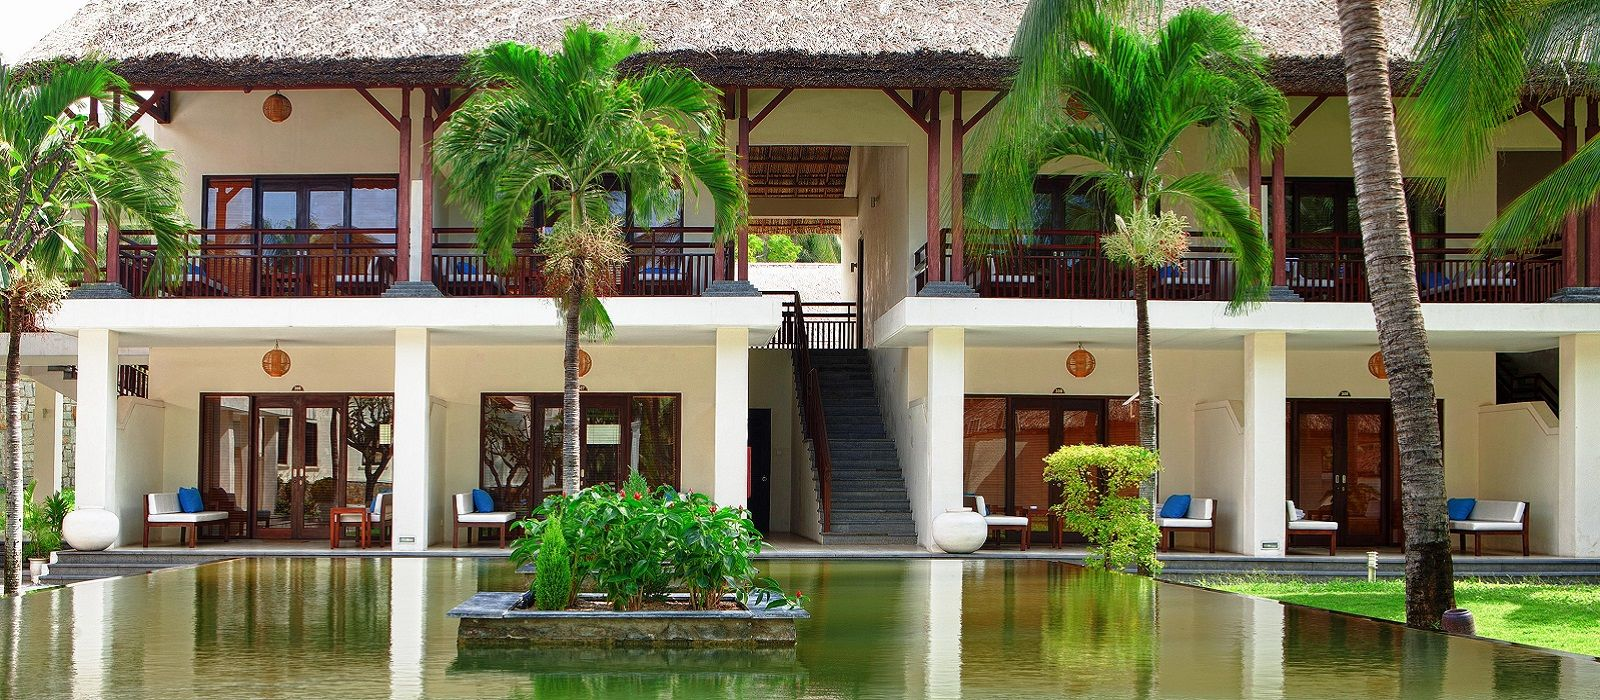 Hotel Blue Ocean Resort (Mui Ne) Vietnam